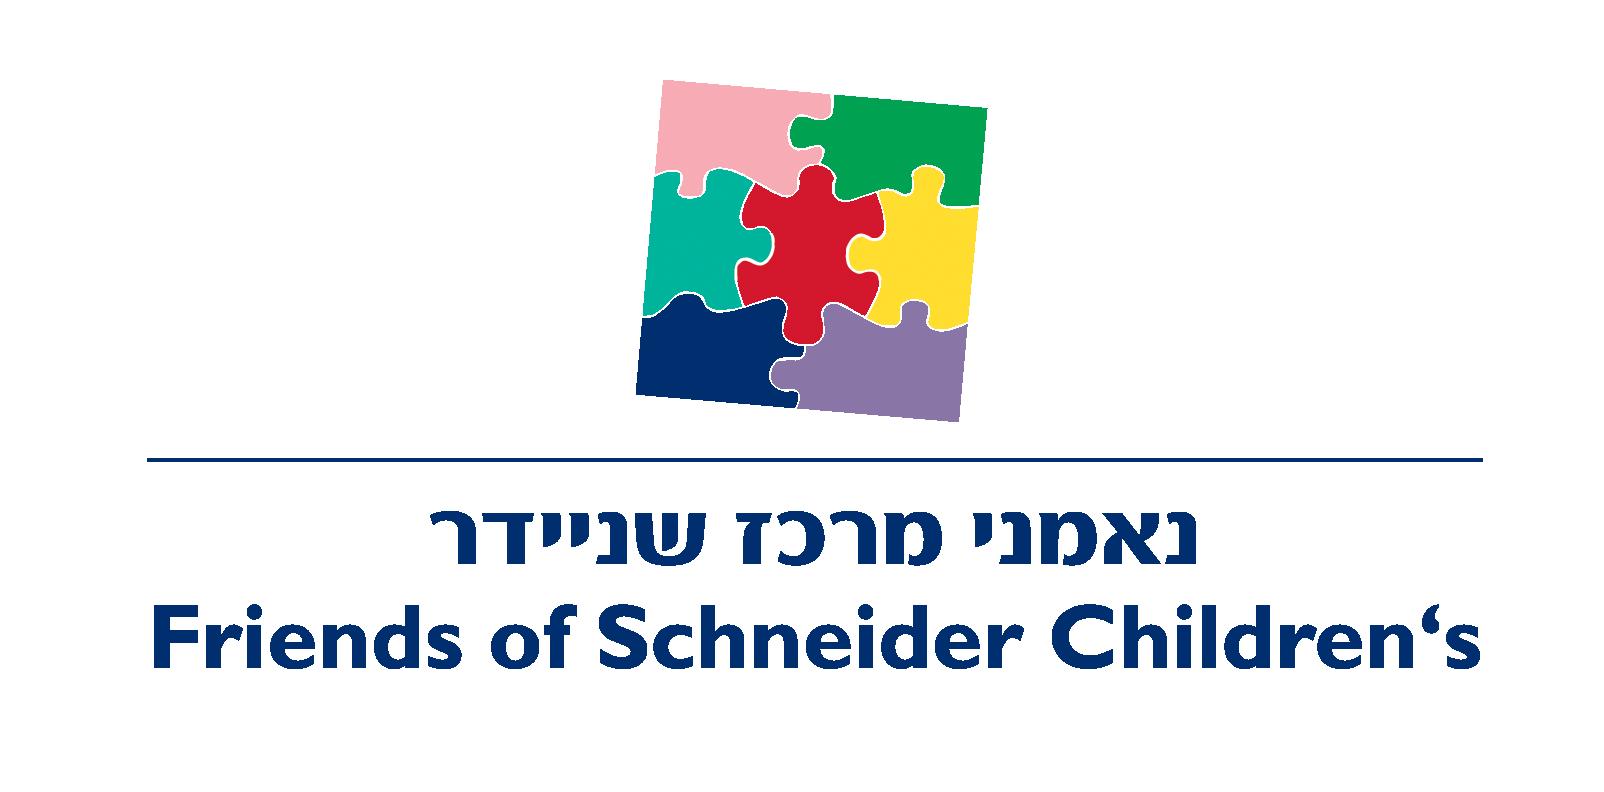 עמותת נאמני מרכז שניידר